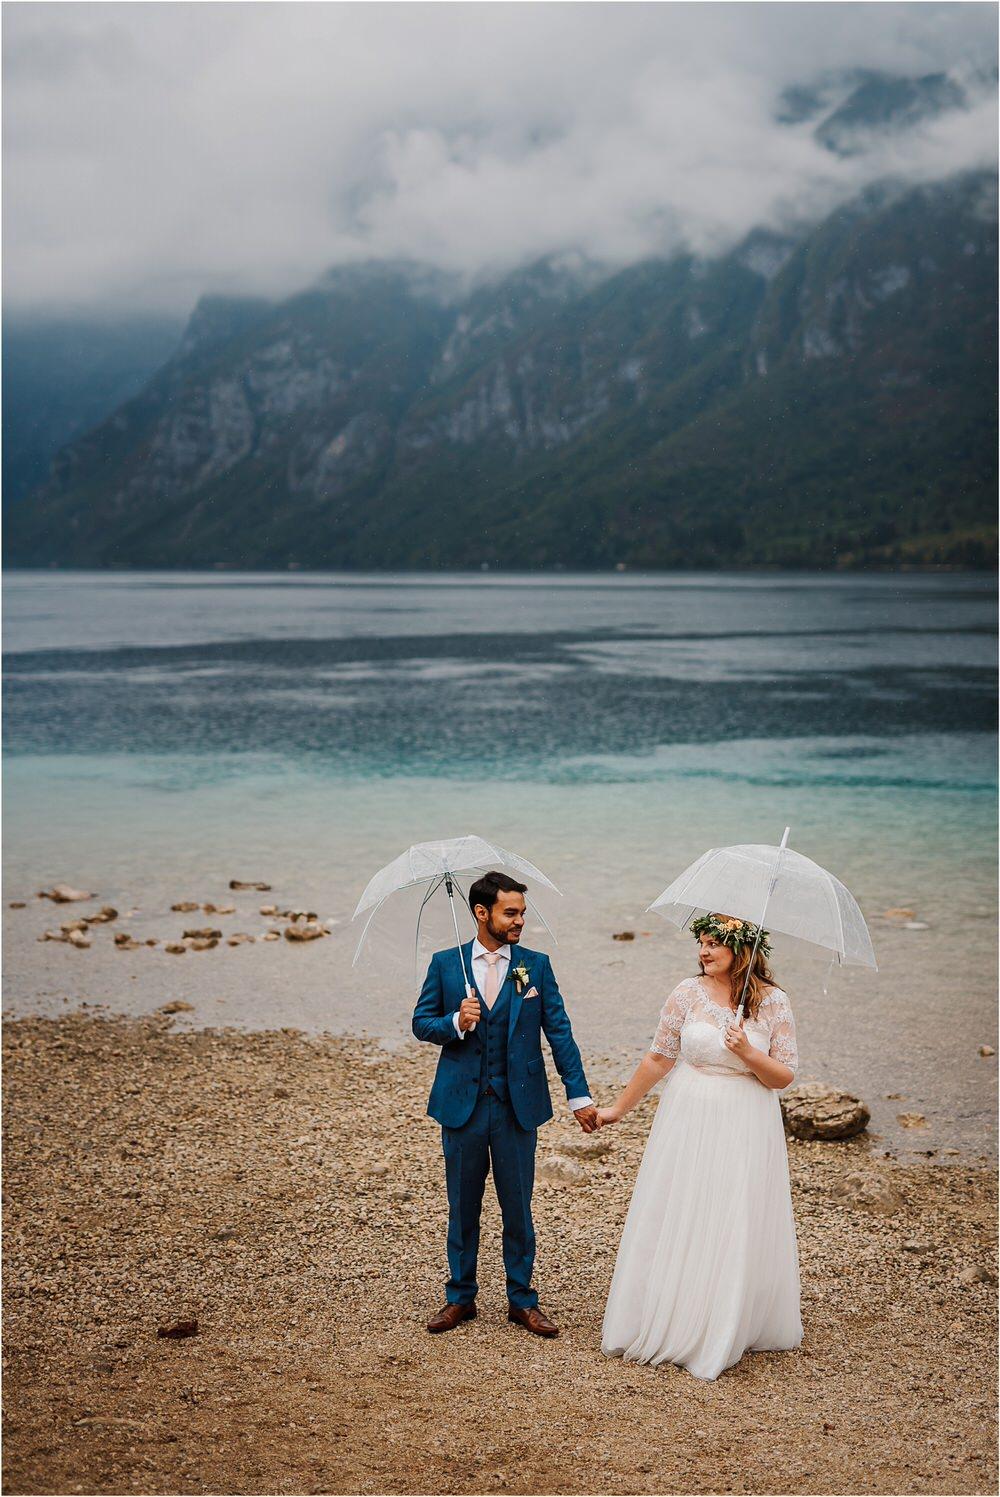 bohinj lake wedding boho chic rustic poroka bohinjsko jezero rustikalna fotograf fotografiranje poročni 0051.jpg